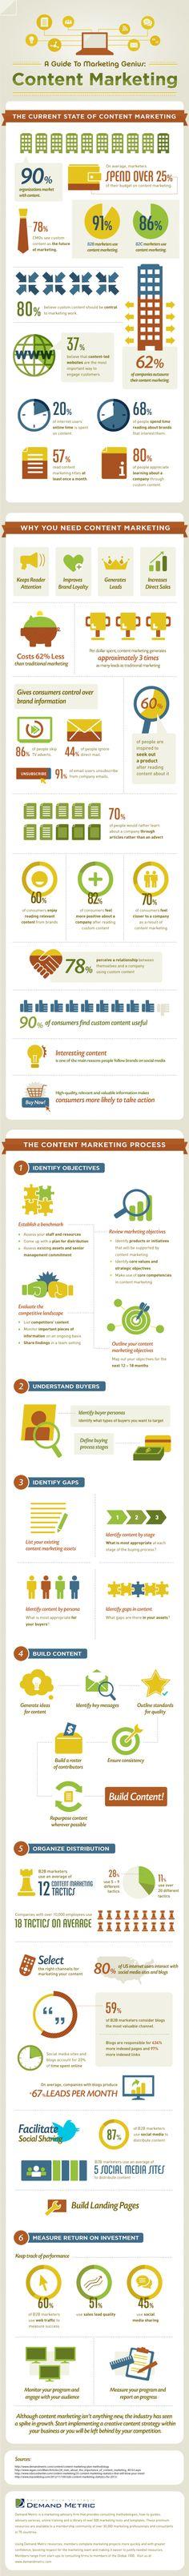 Guía básica de Content Marketing.